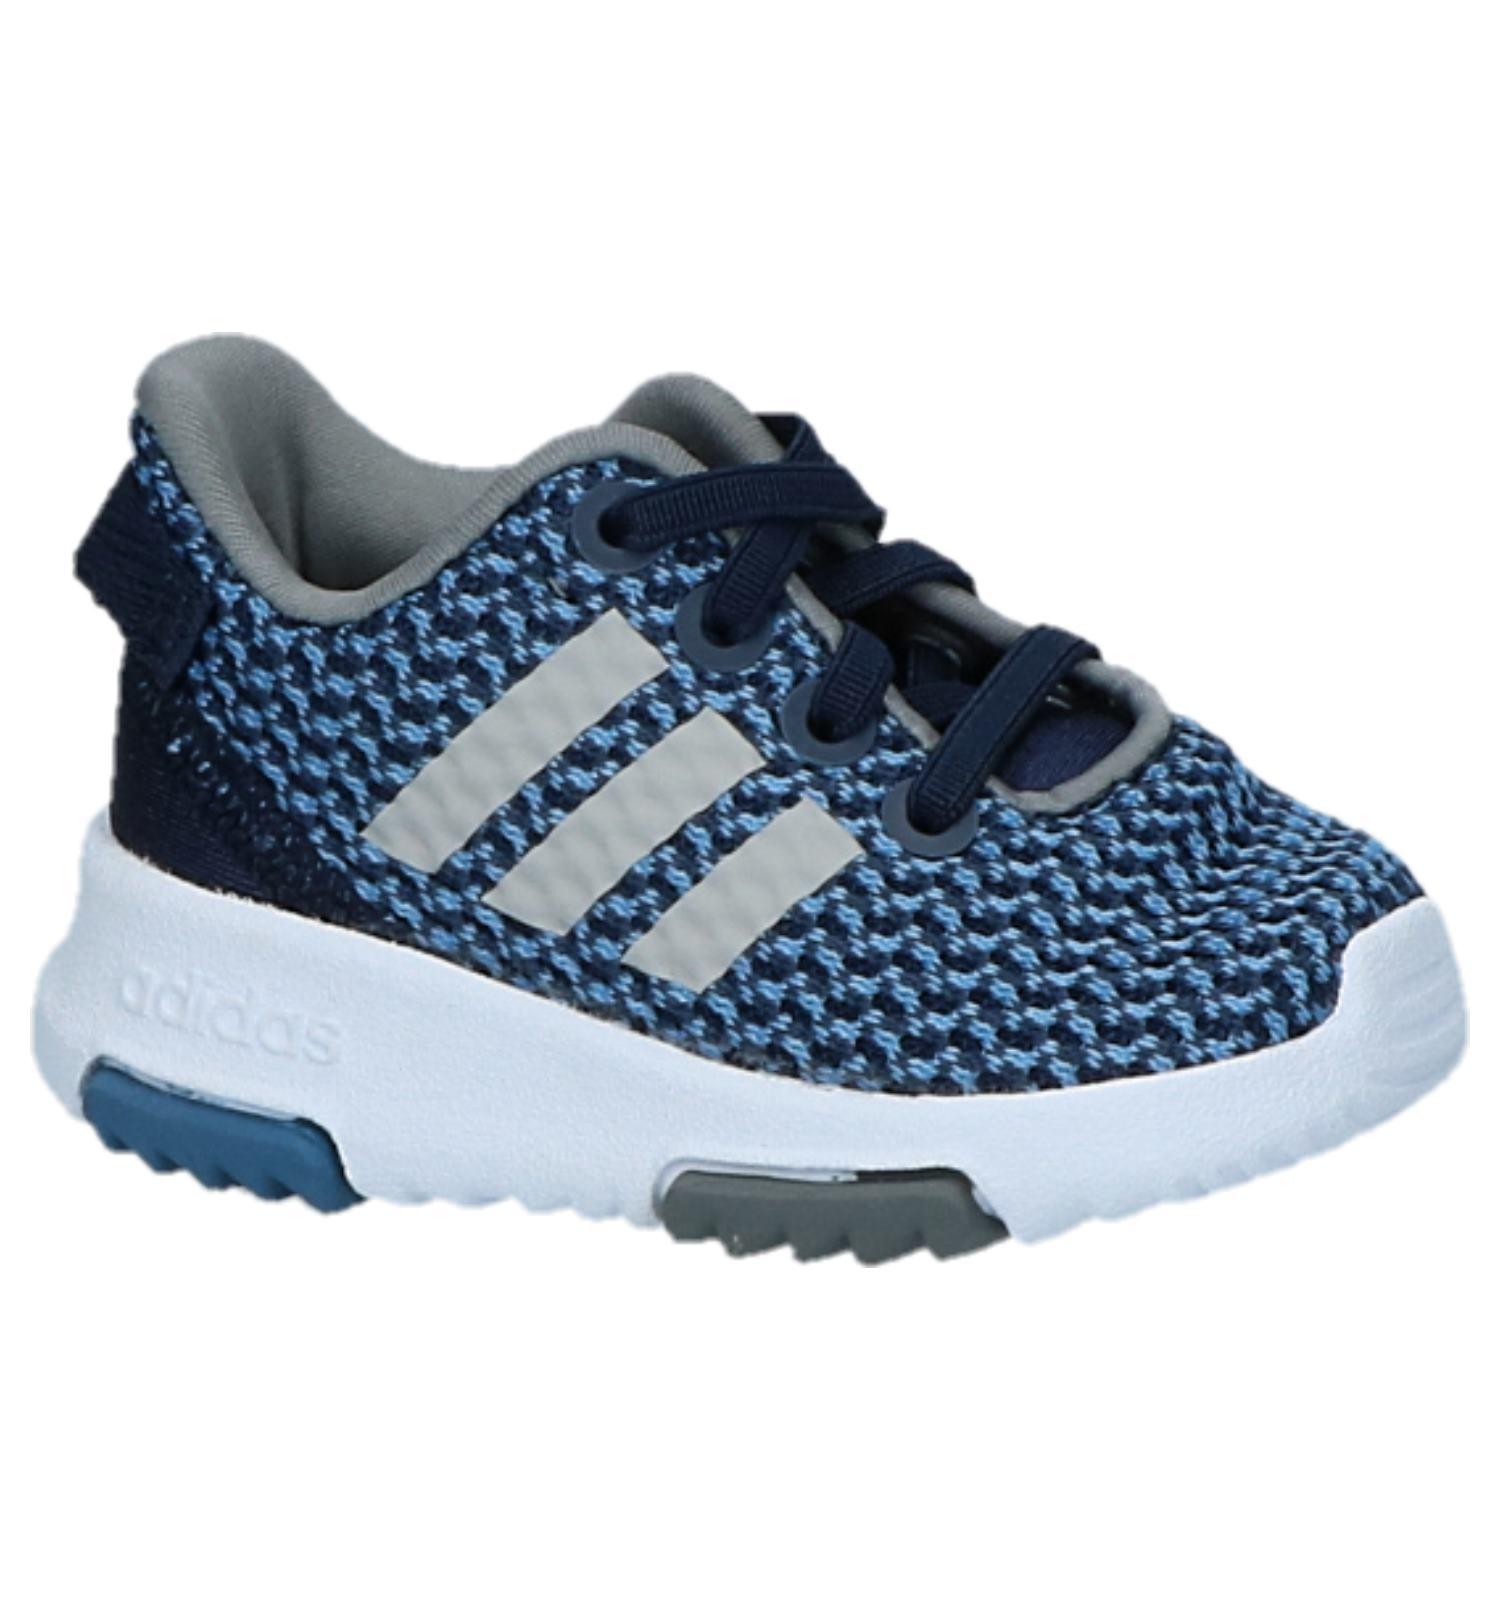 0cc3be19ac9 Donkerblauwe Sneakers adidas Racer TR | TORFS.BE | Gratis verzend en retour